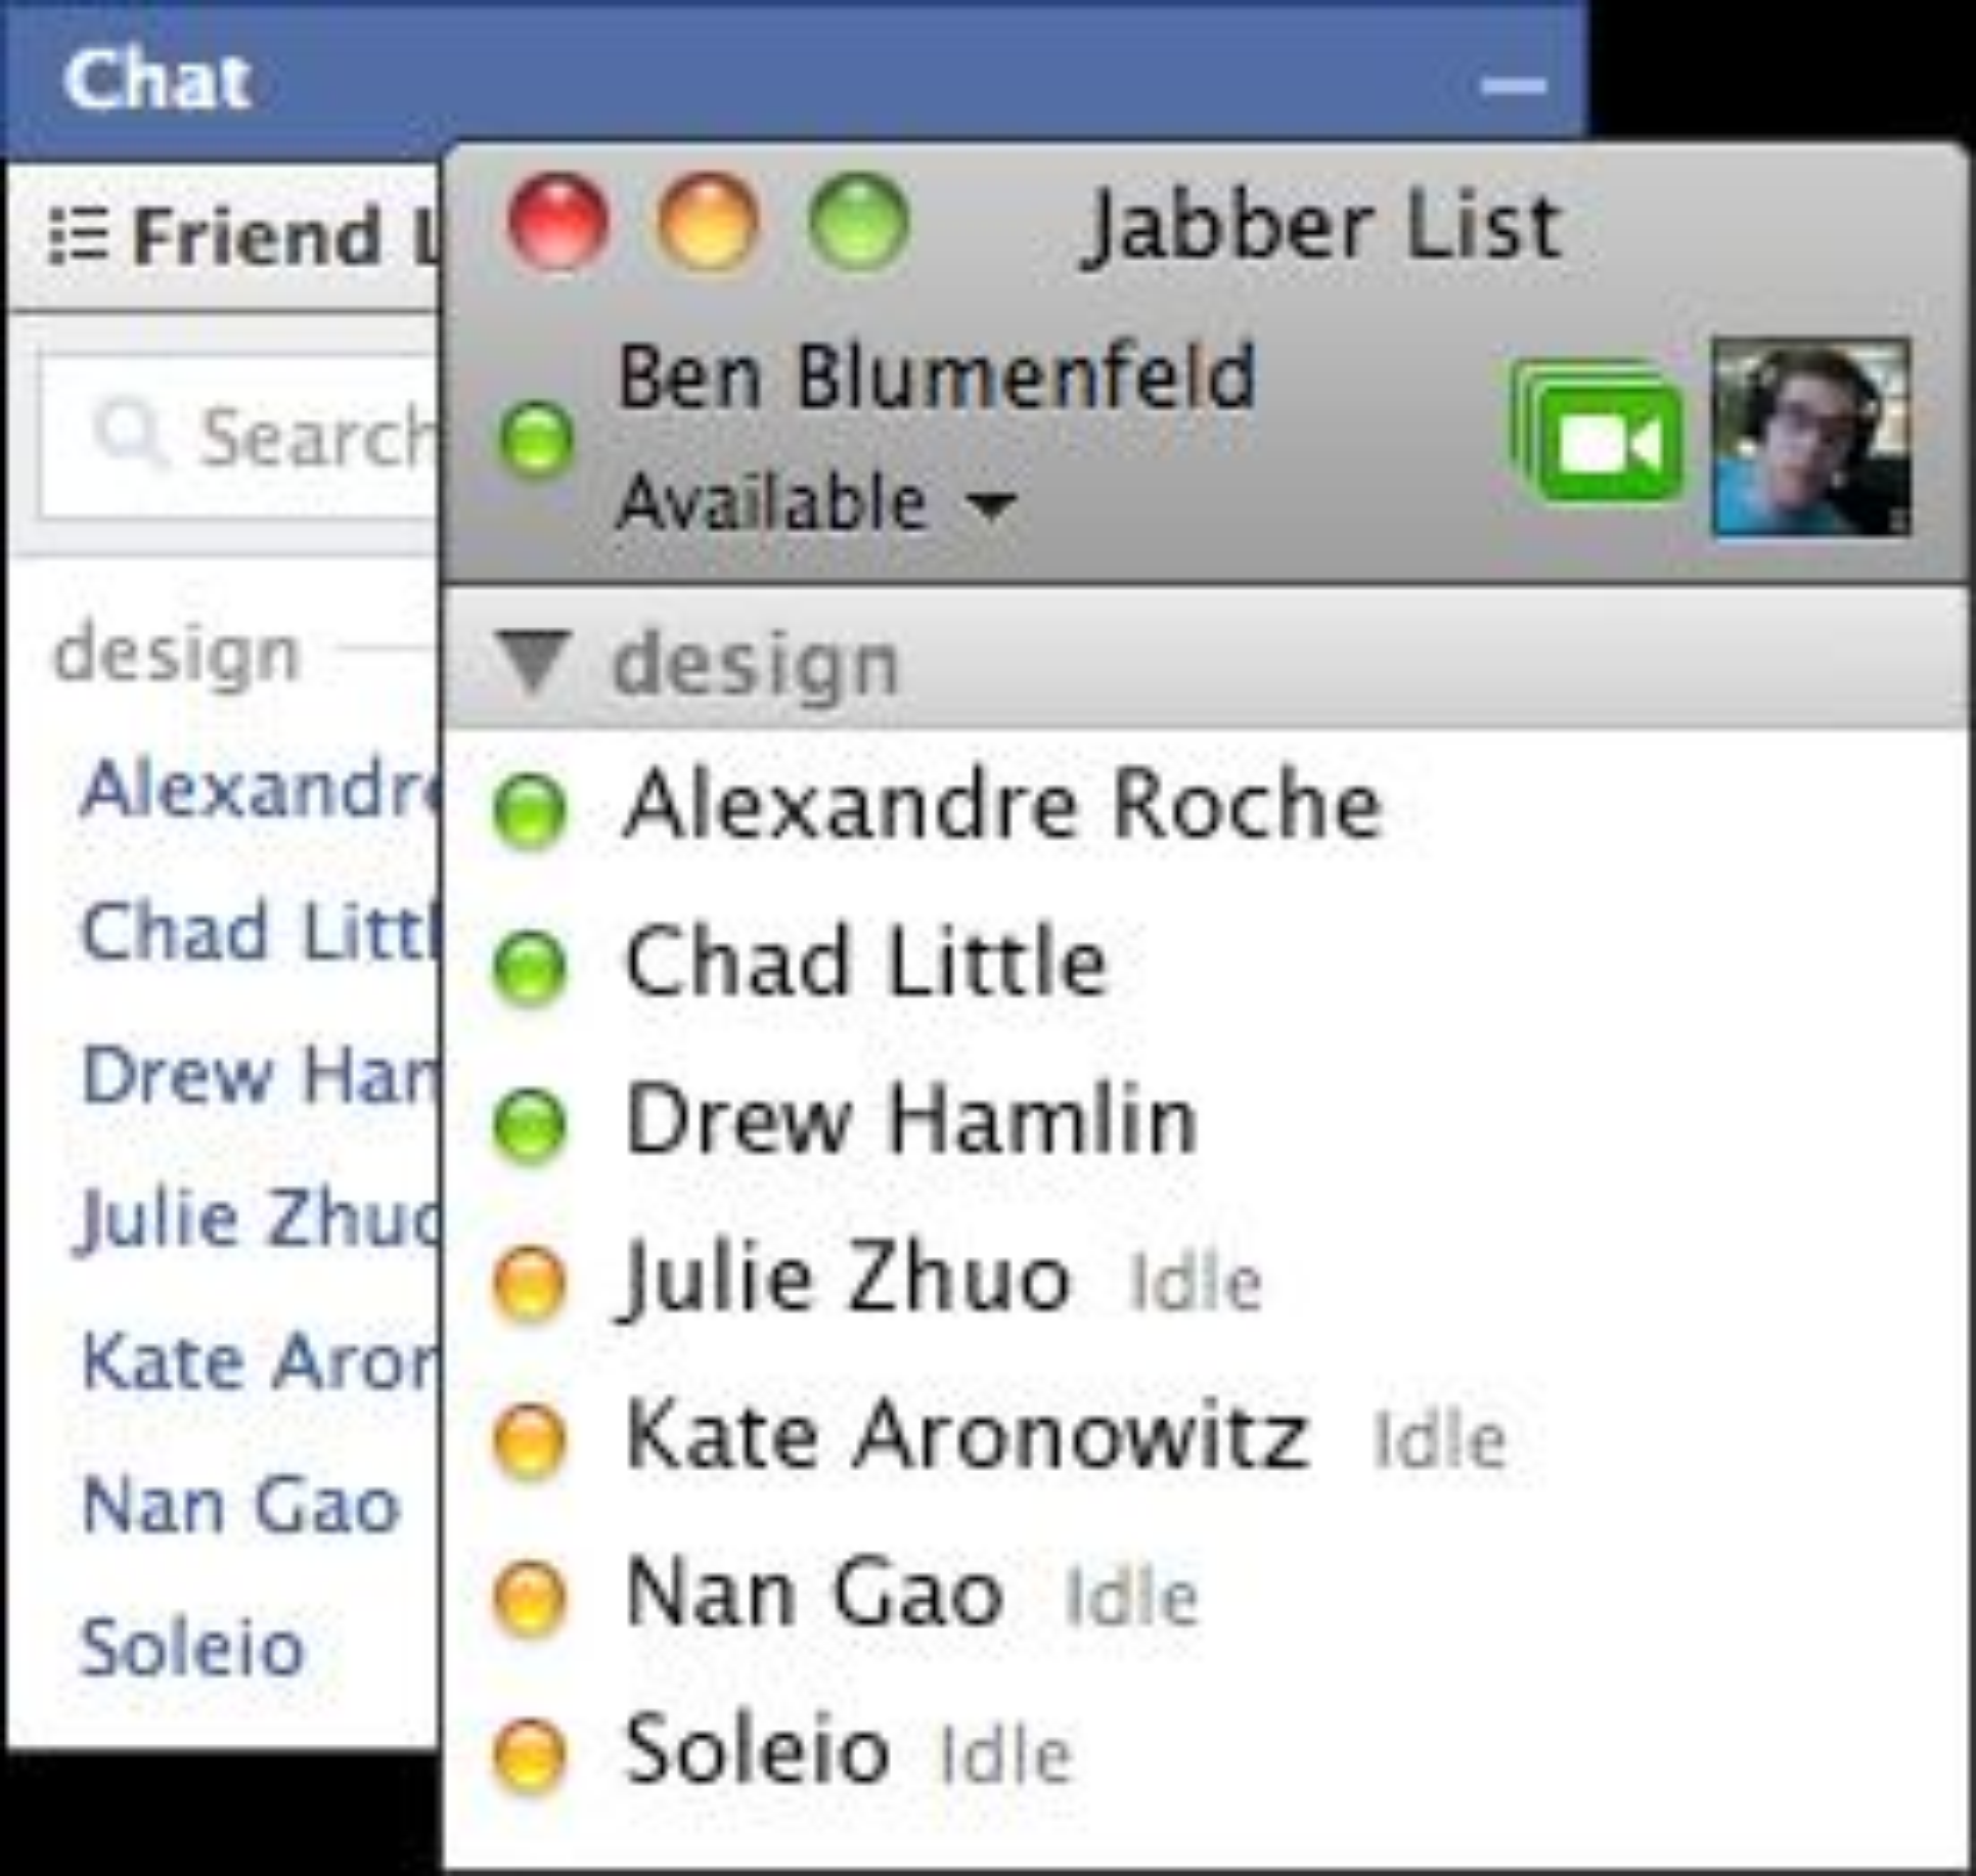 Facebook Chat i Jabber